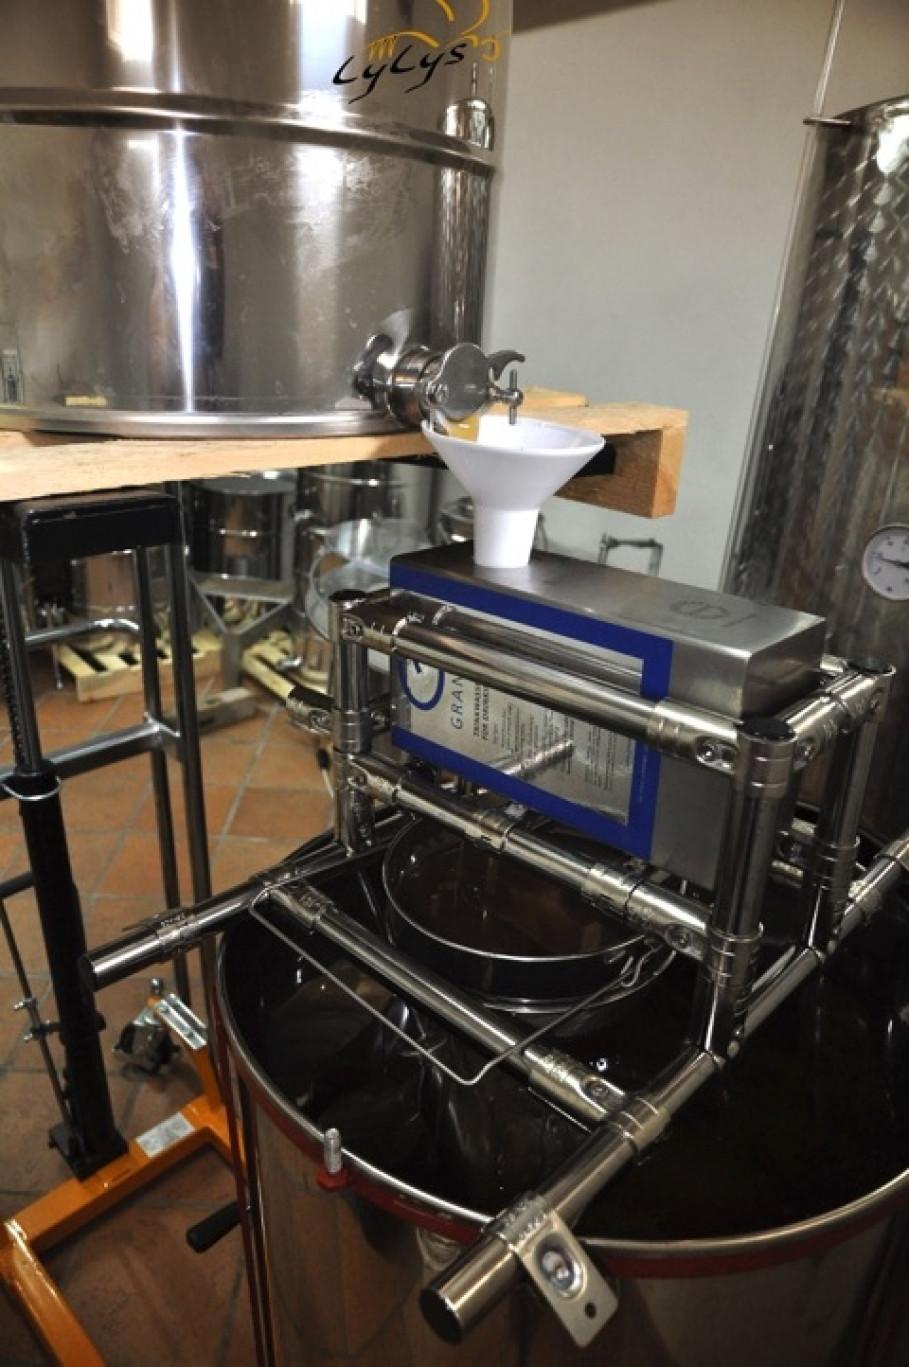 LyLys Honey flows through the GRANDER® system